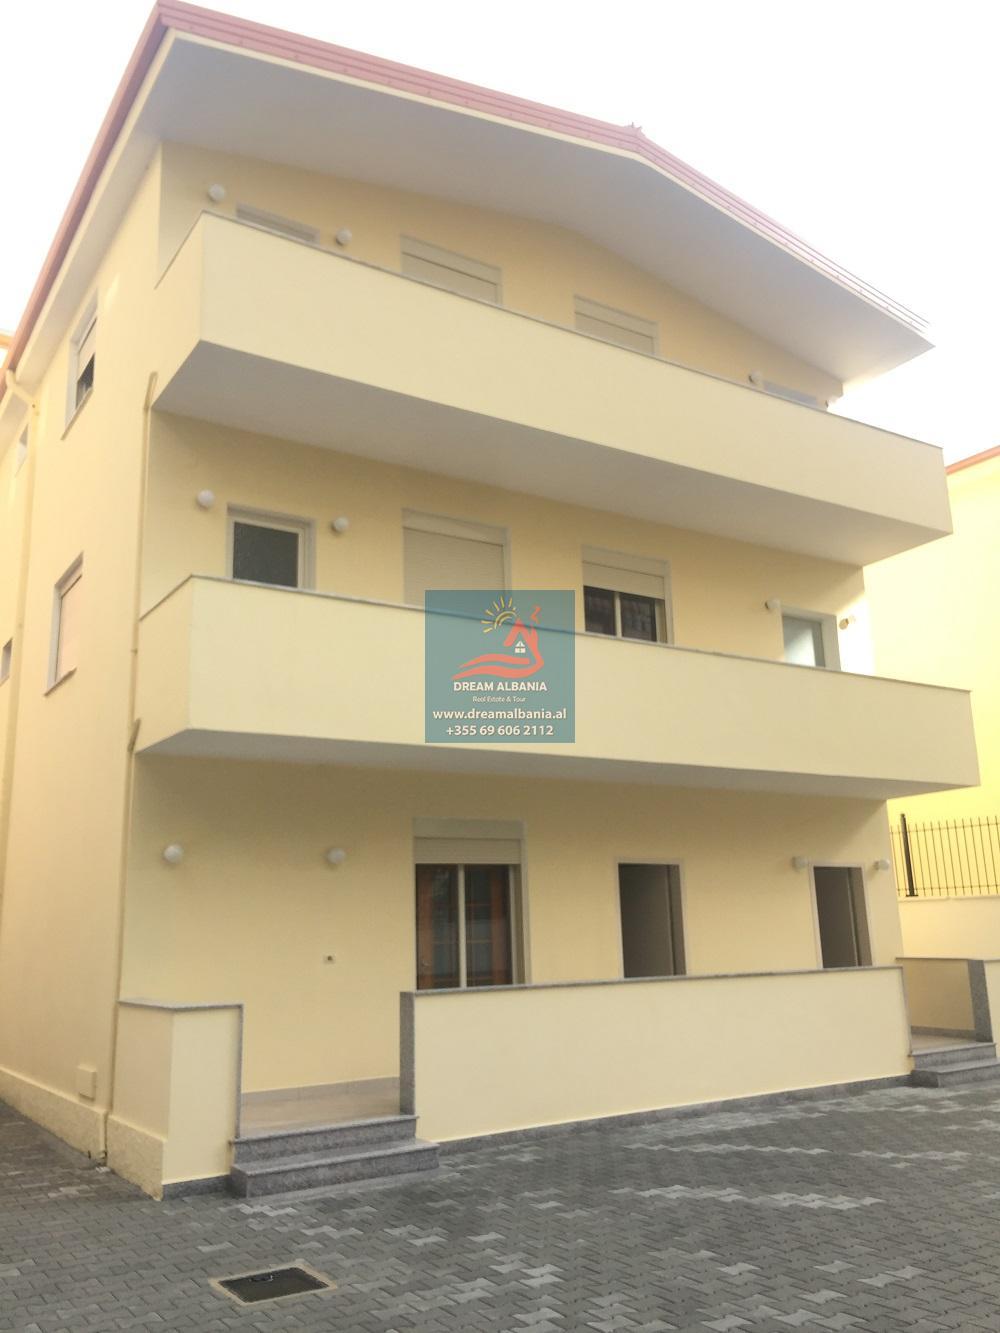 Villa A Tre Piani affitto, id 4251036, villa a tre piani, don bosco, tirana